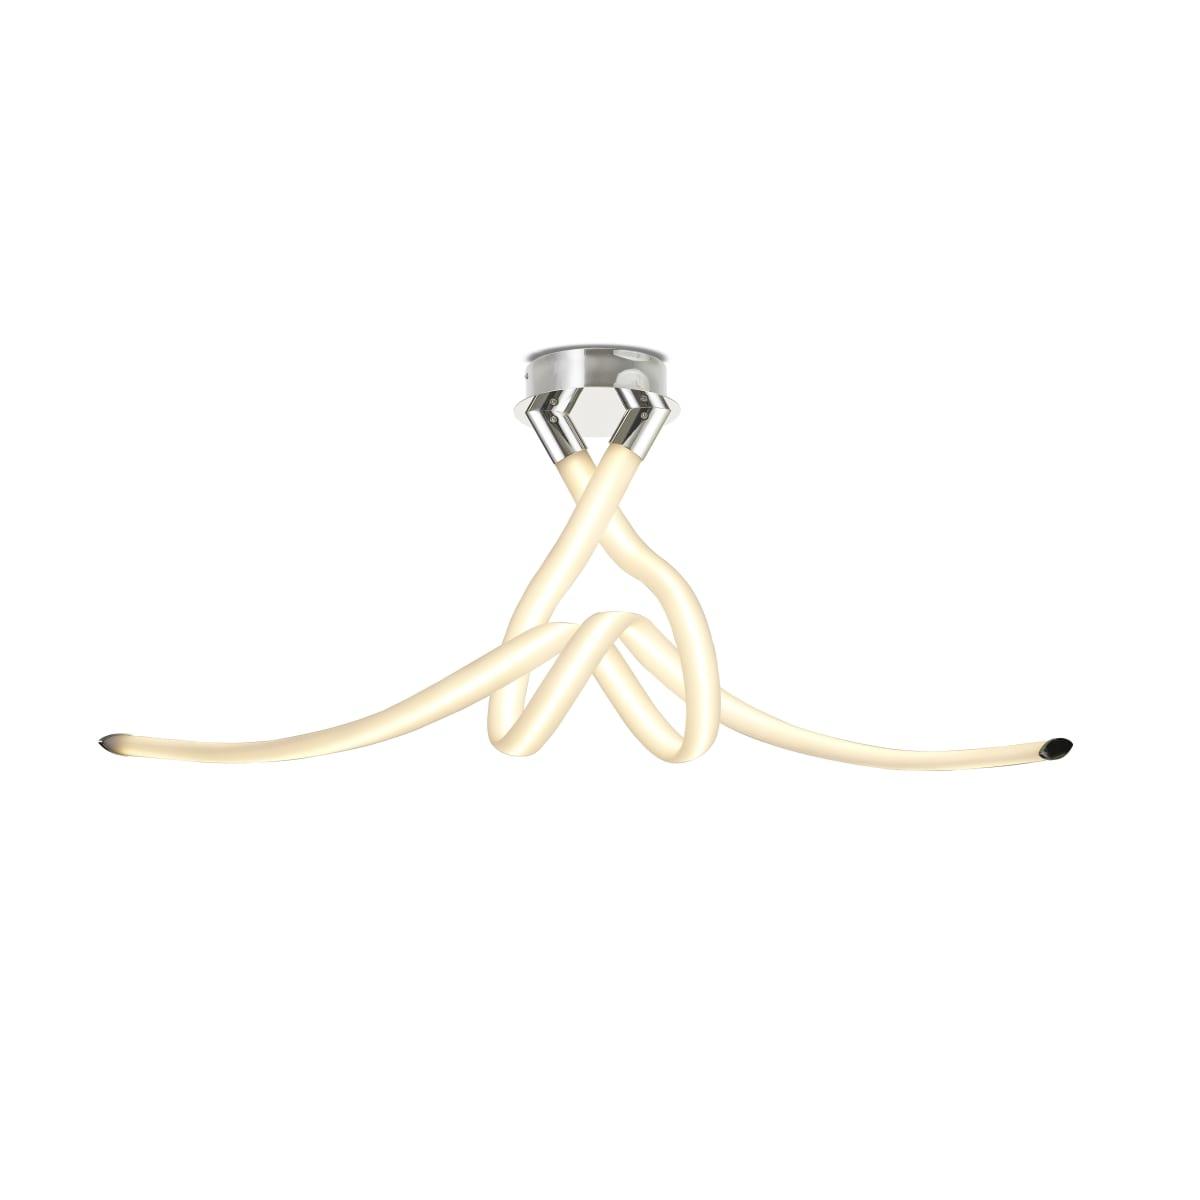 Потолочный светильник Mantra Armonia 6723 теплый белый свет цвет серебряный